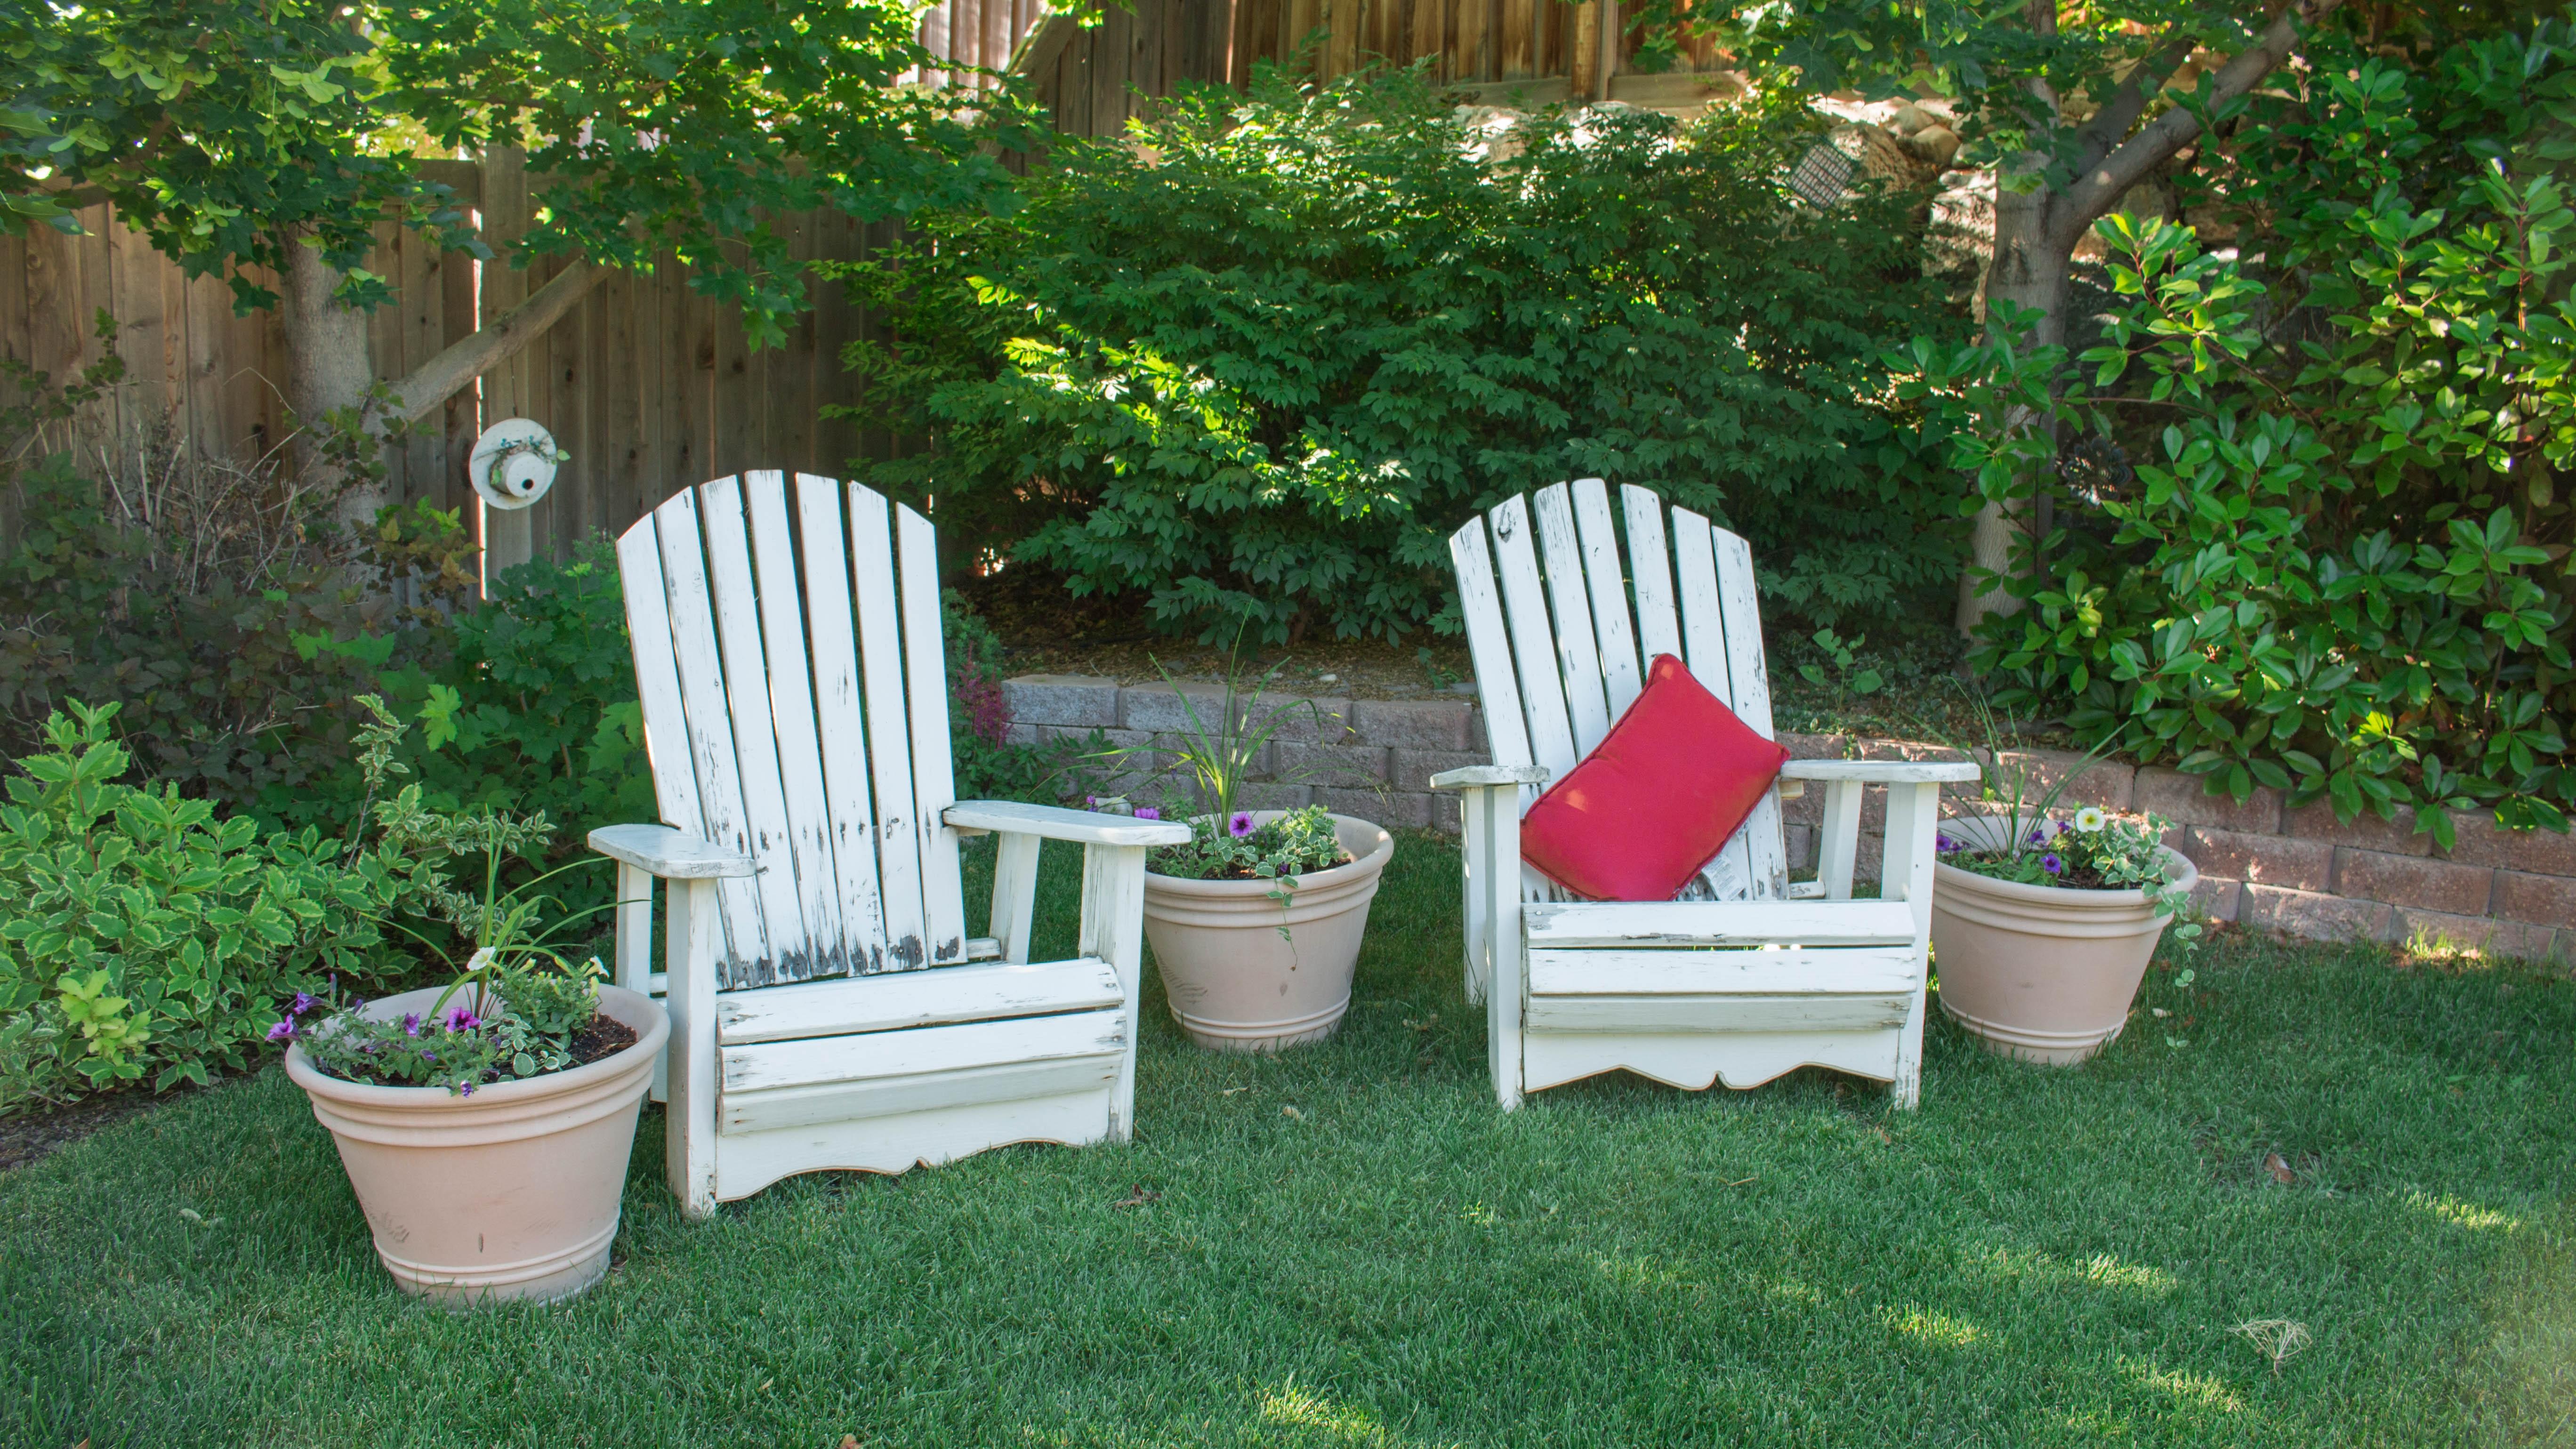 Fotos gratis : paisaje, césped, al aire libre, flor, casa, porche ...